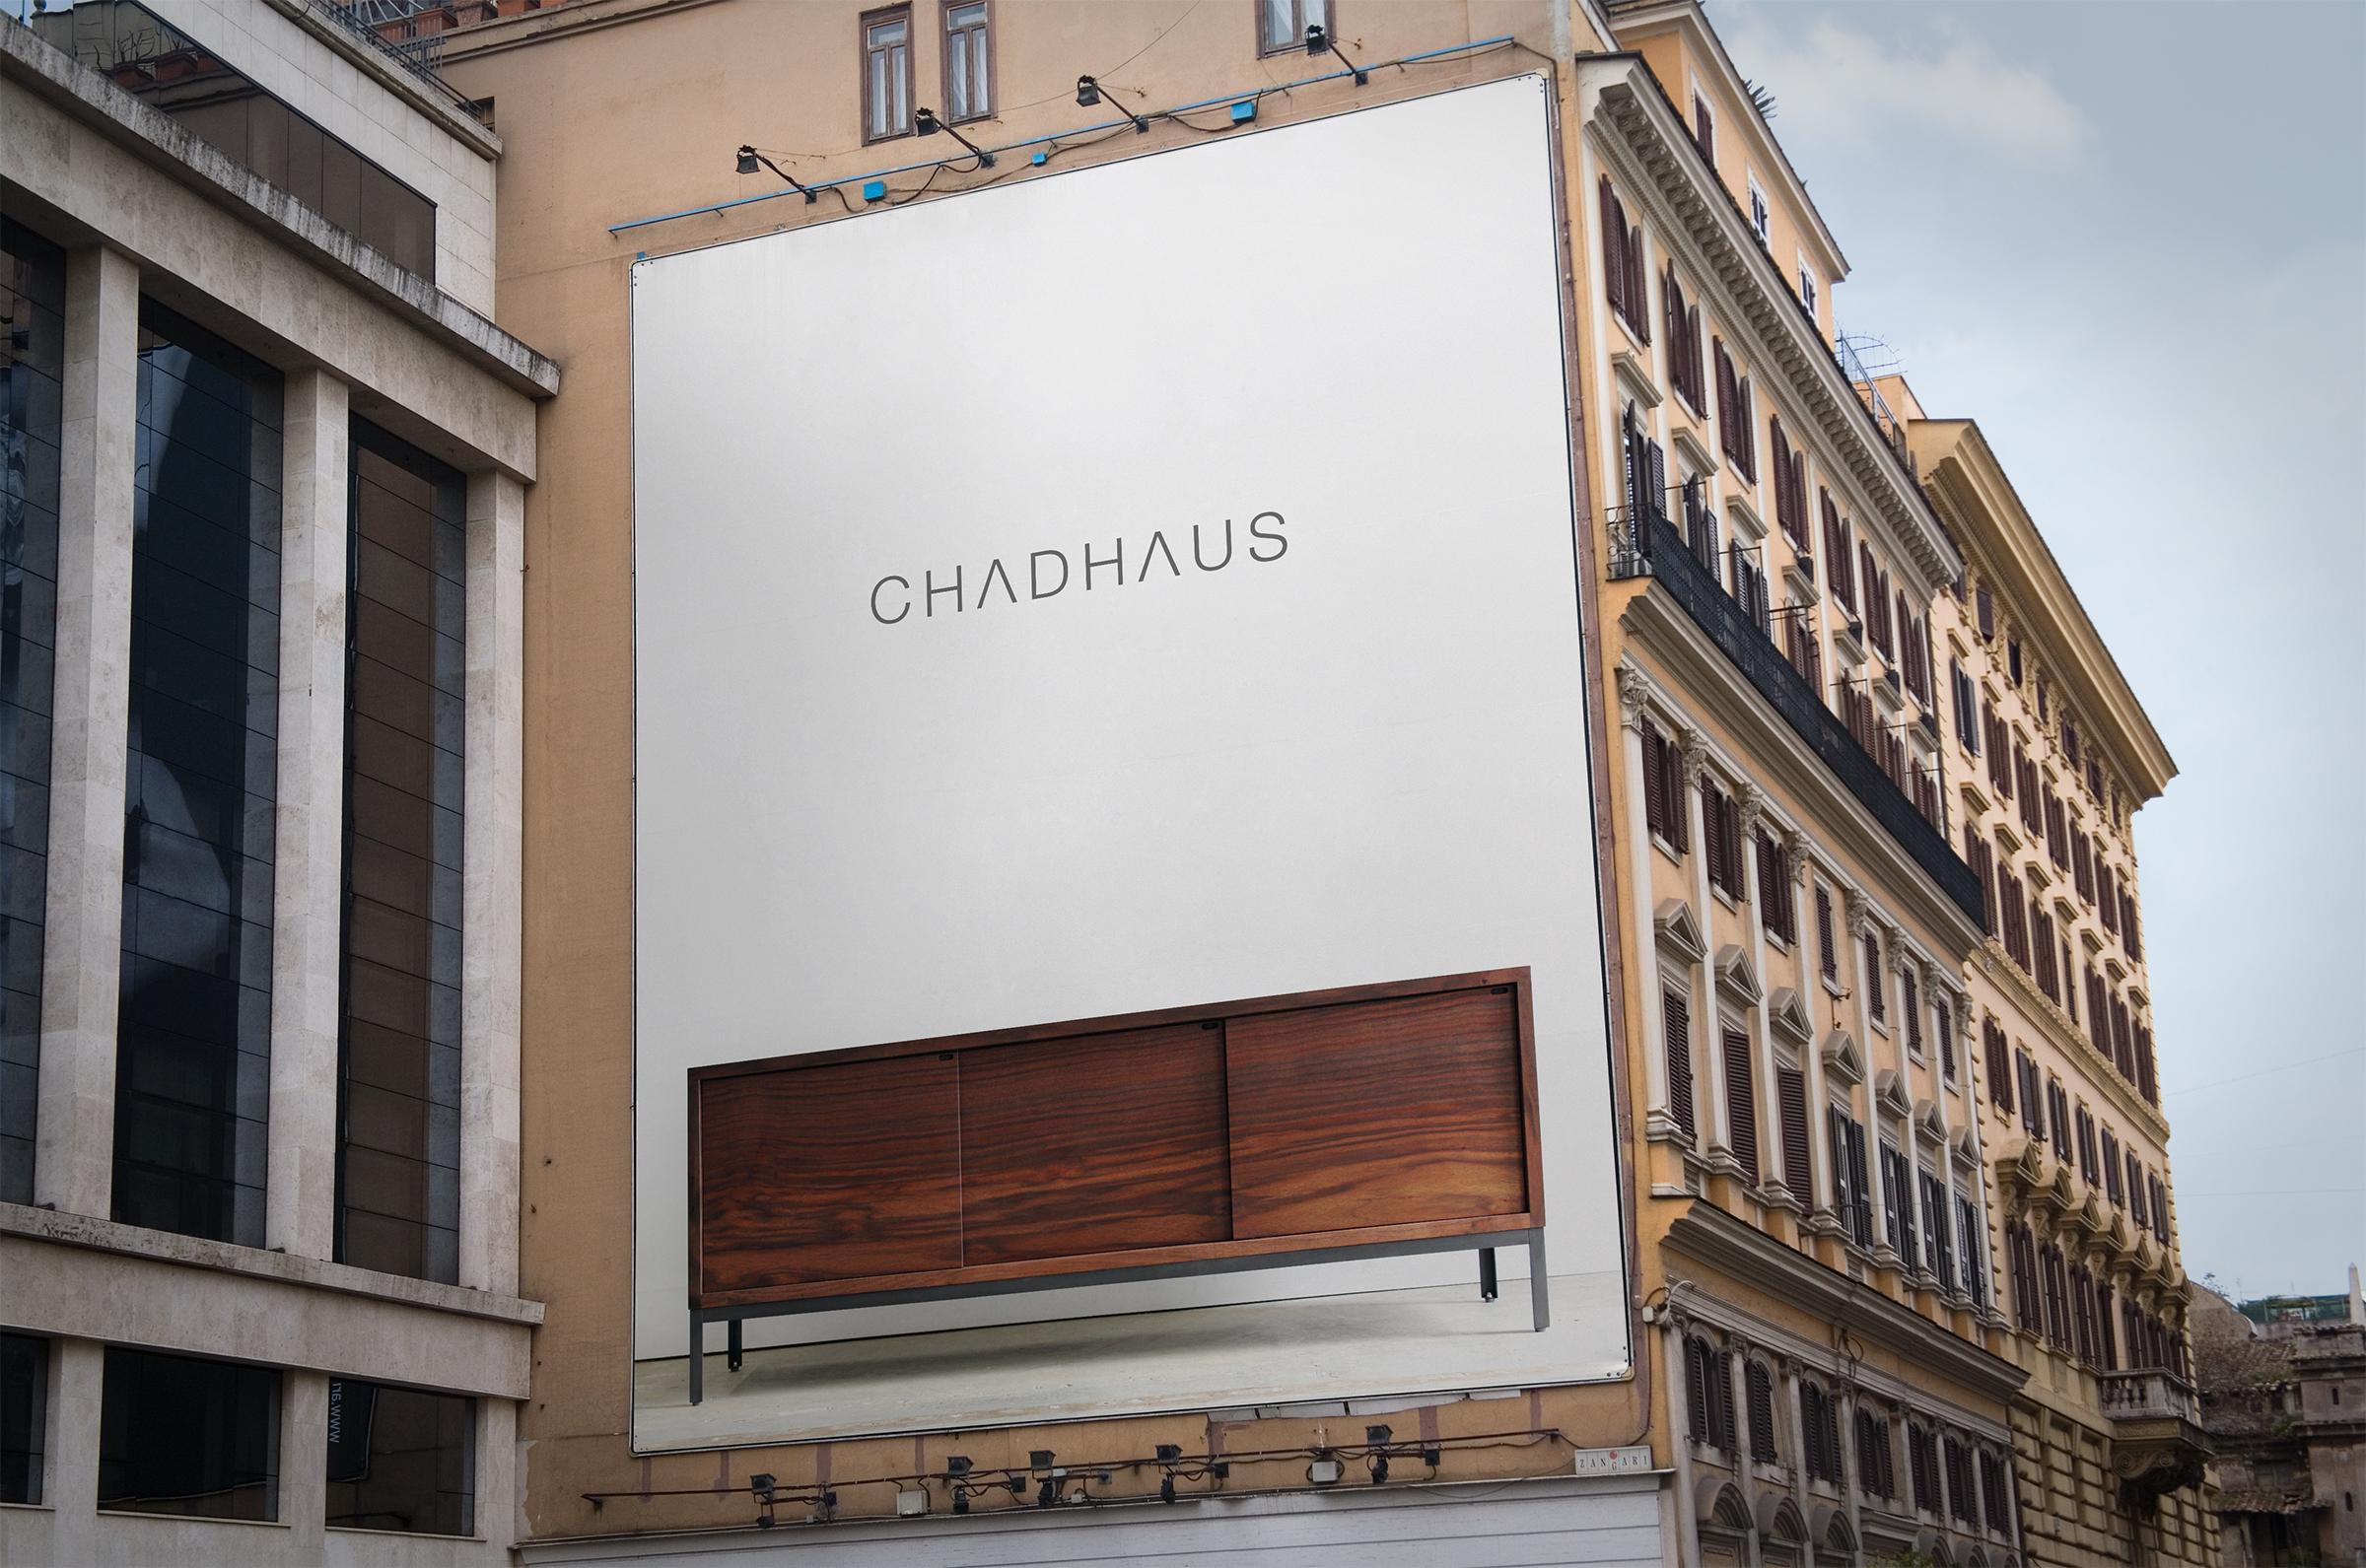 chadhaus_raykovich_billboard